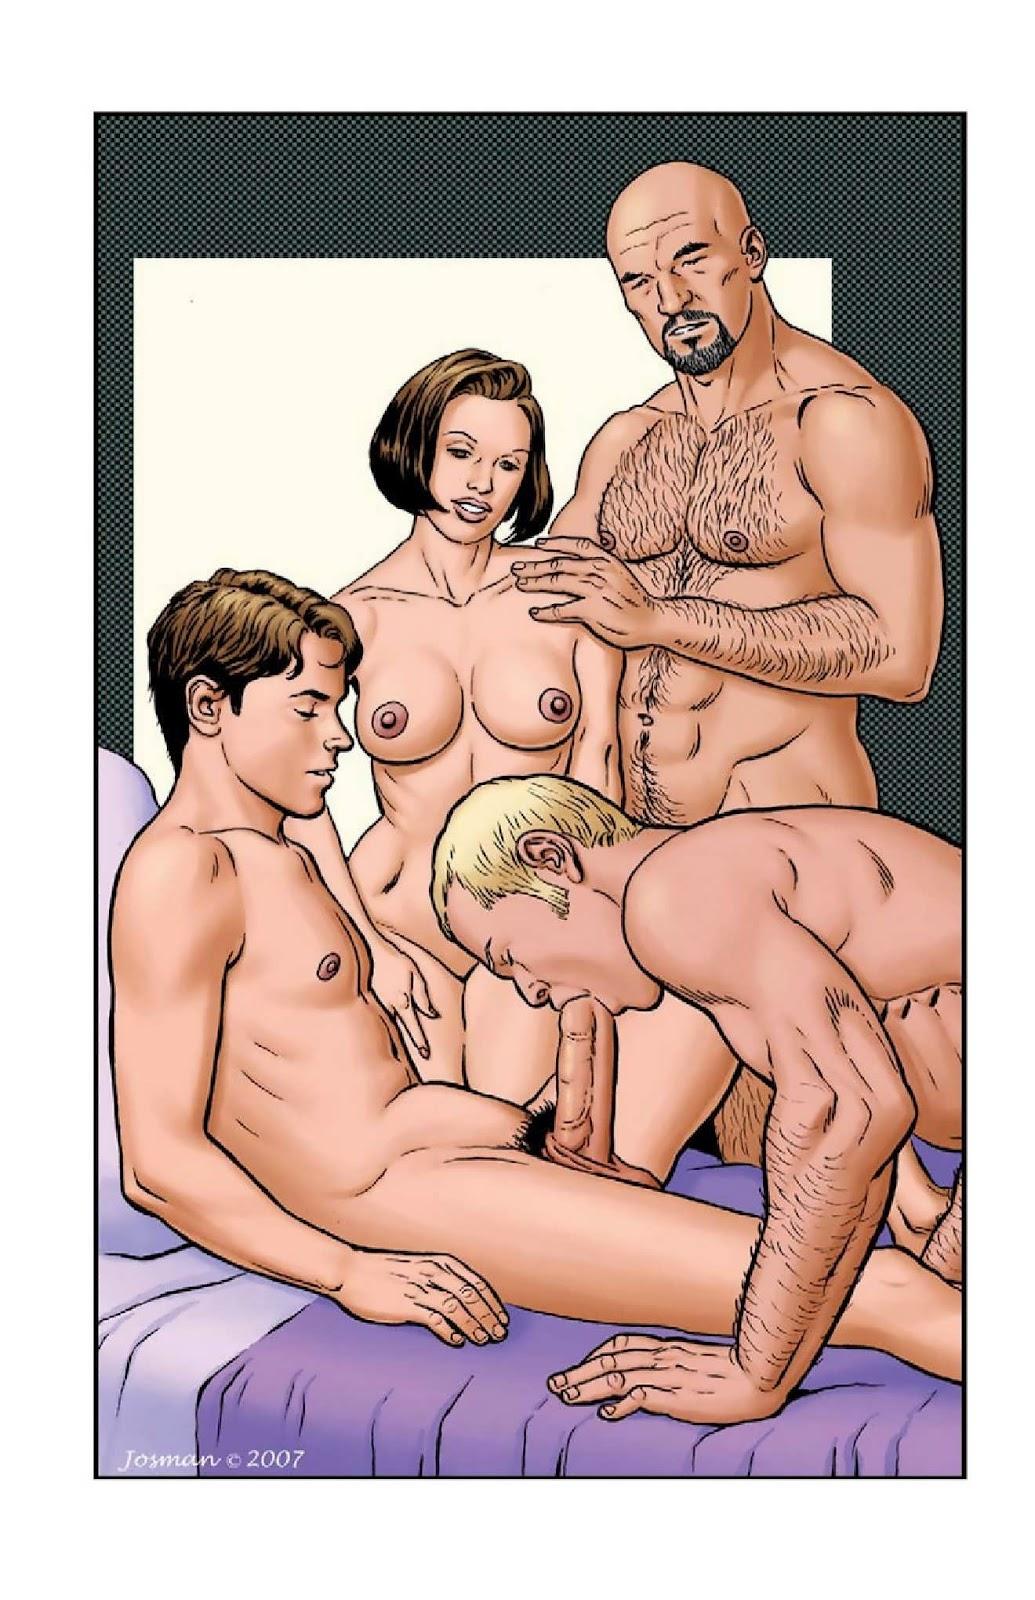 raunchiest gay bar